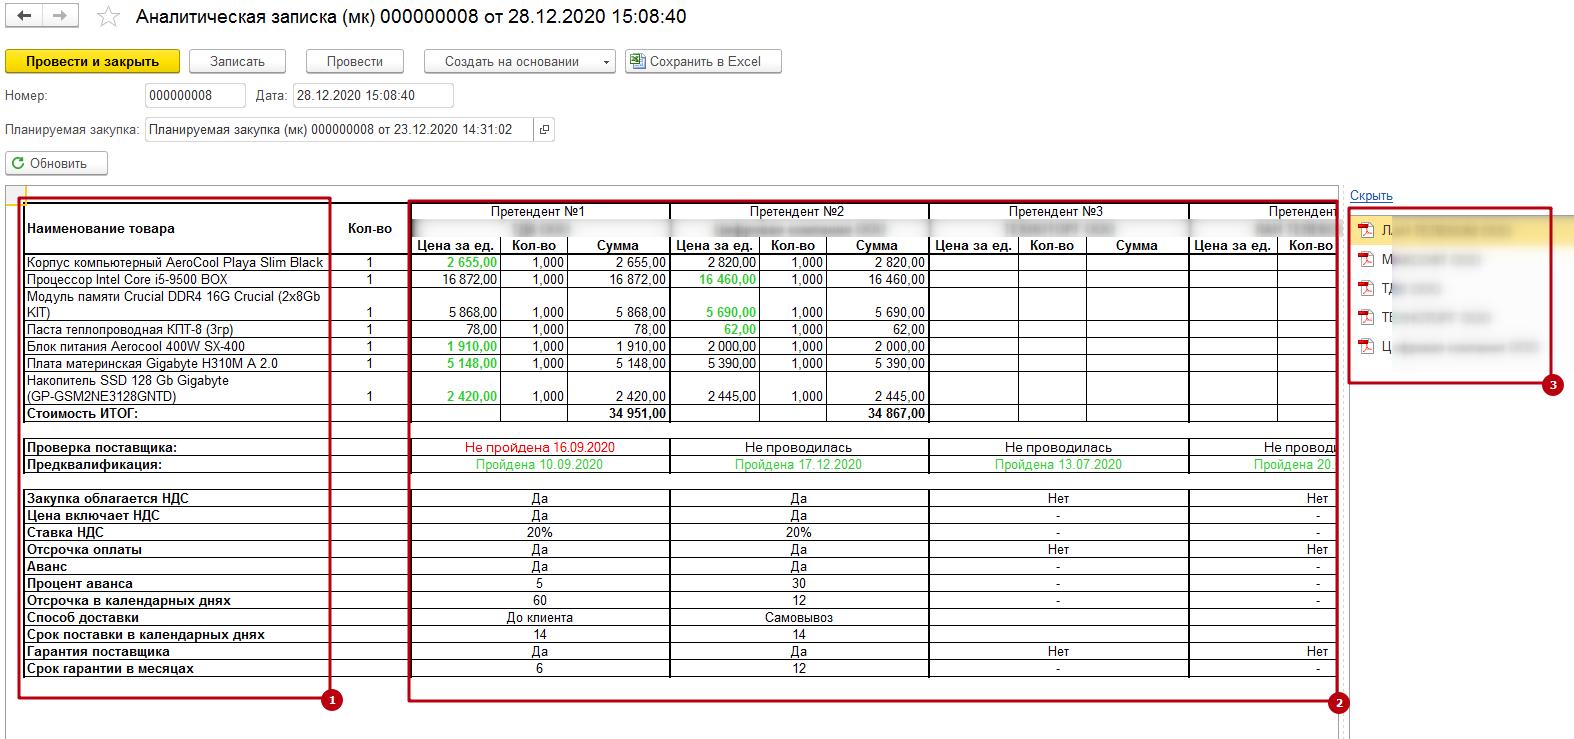 Аналитическая записка, сформированная роботом в ERP